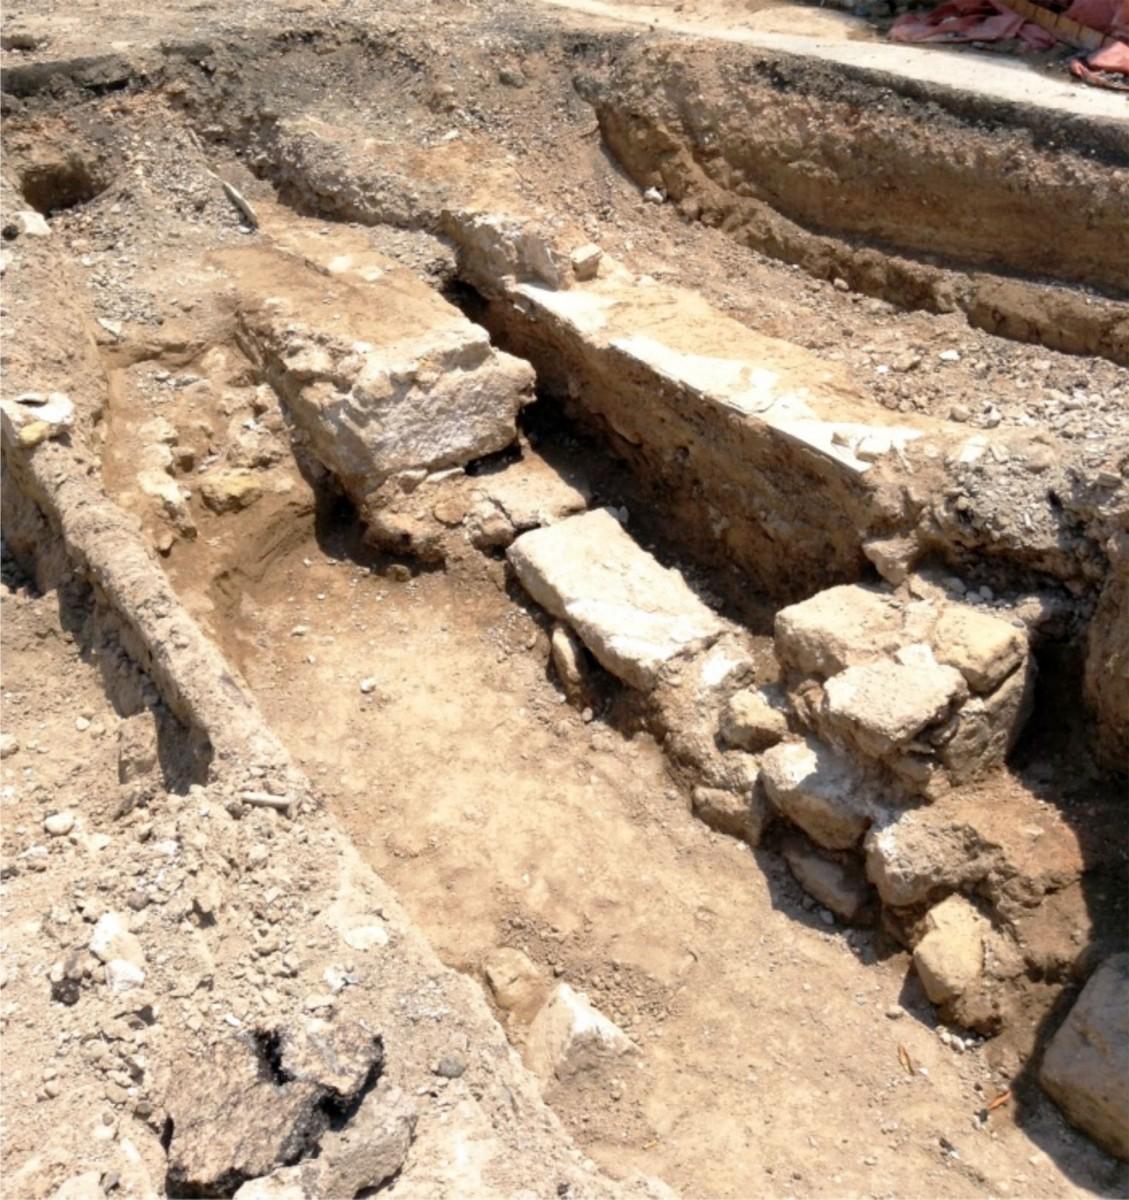 Εικ. 4. Λάρνακα: Σύνθετη αλληλουχία από τοίχους στην οδό Δημητράκη Διανέλλου (φωτ. Τμήμα Αρχαιοτήτων Κύπρου).